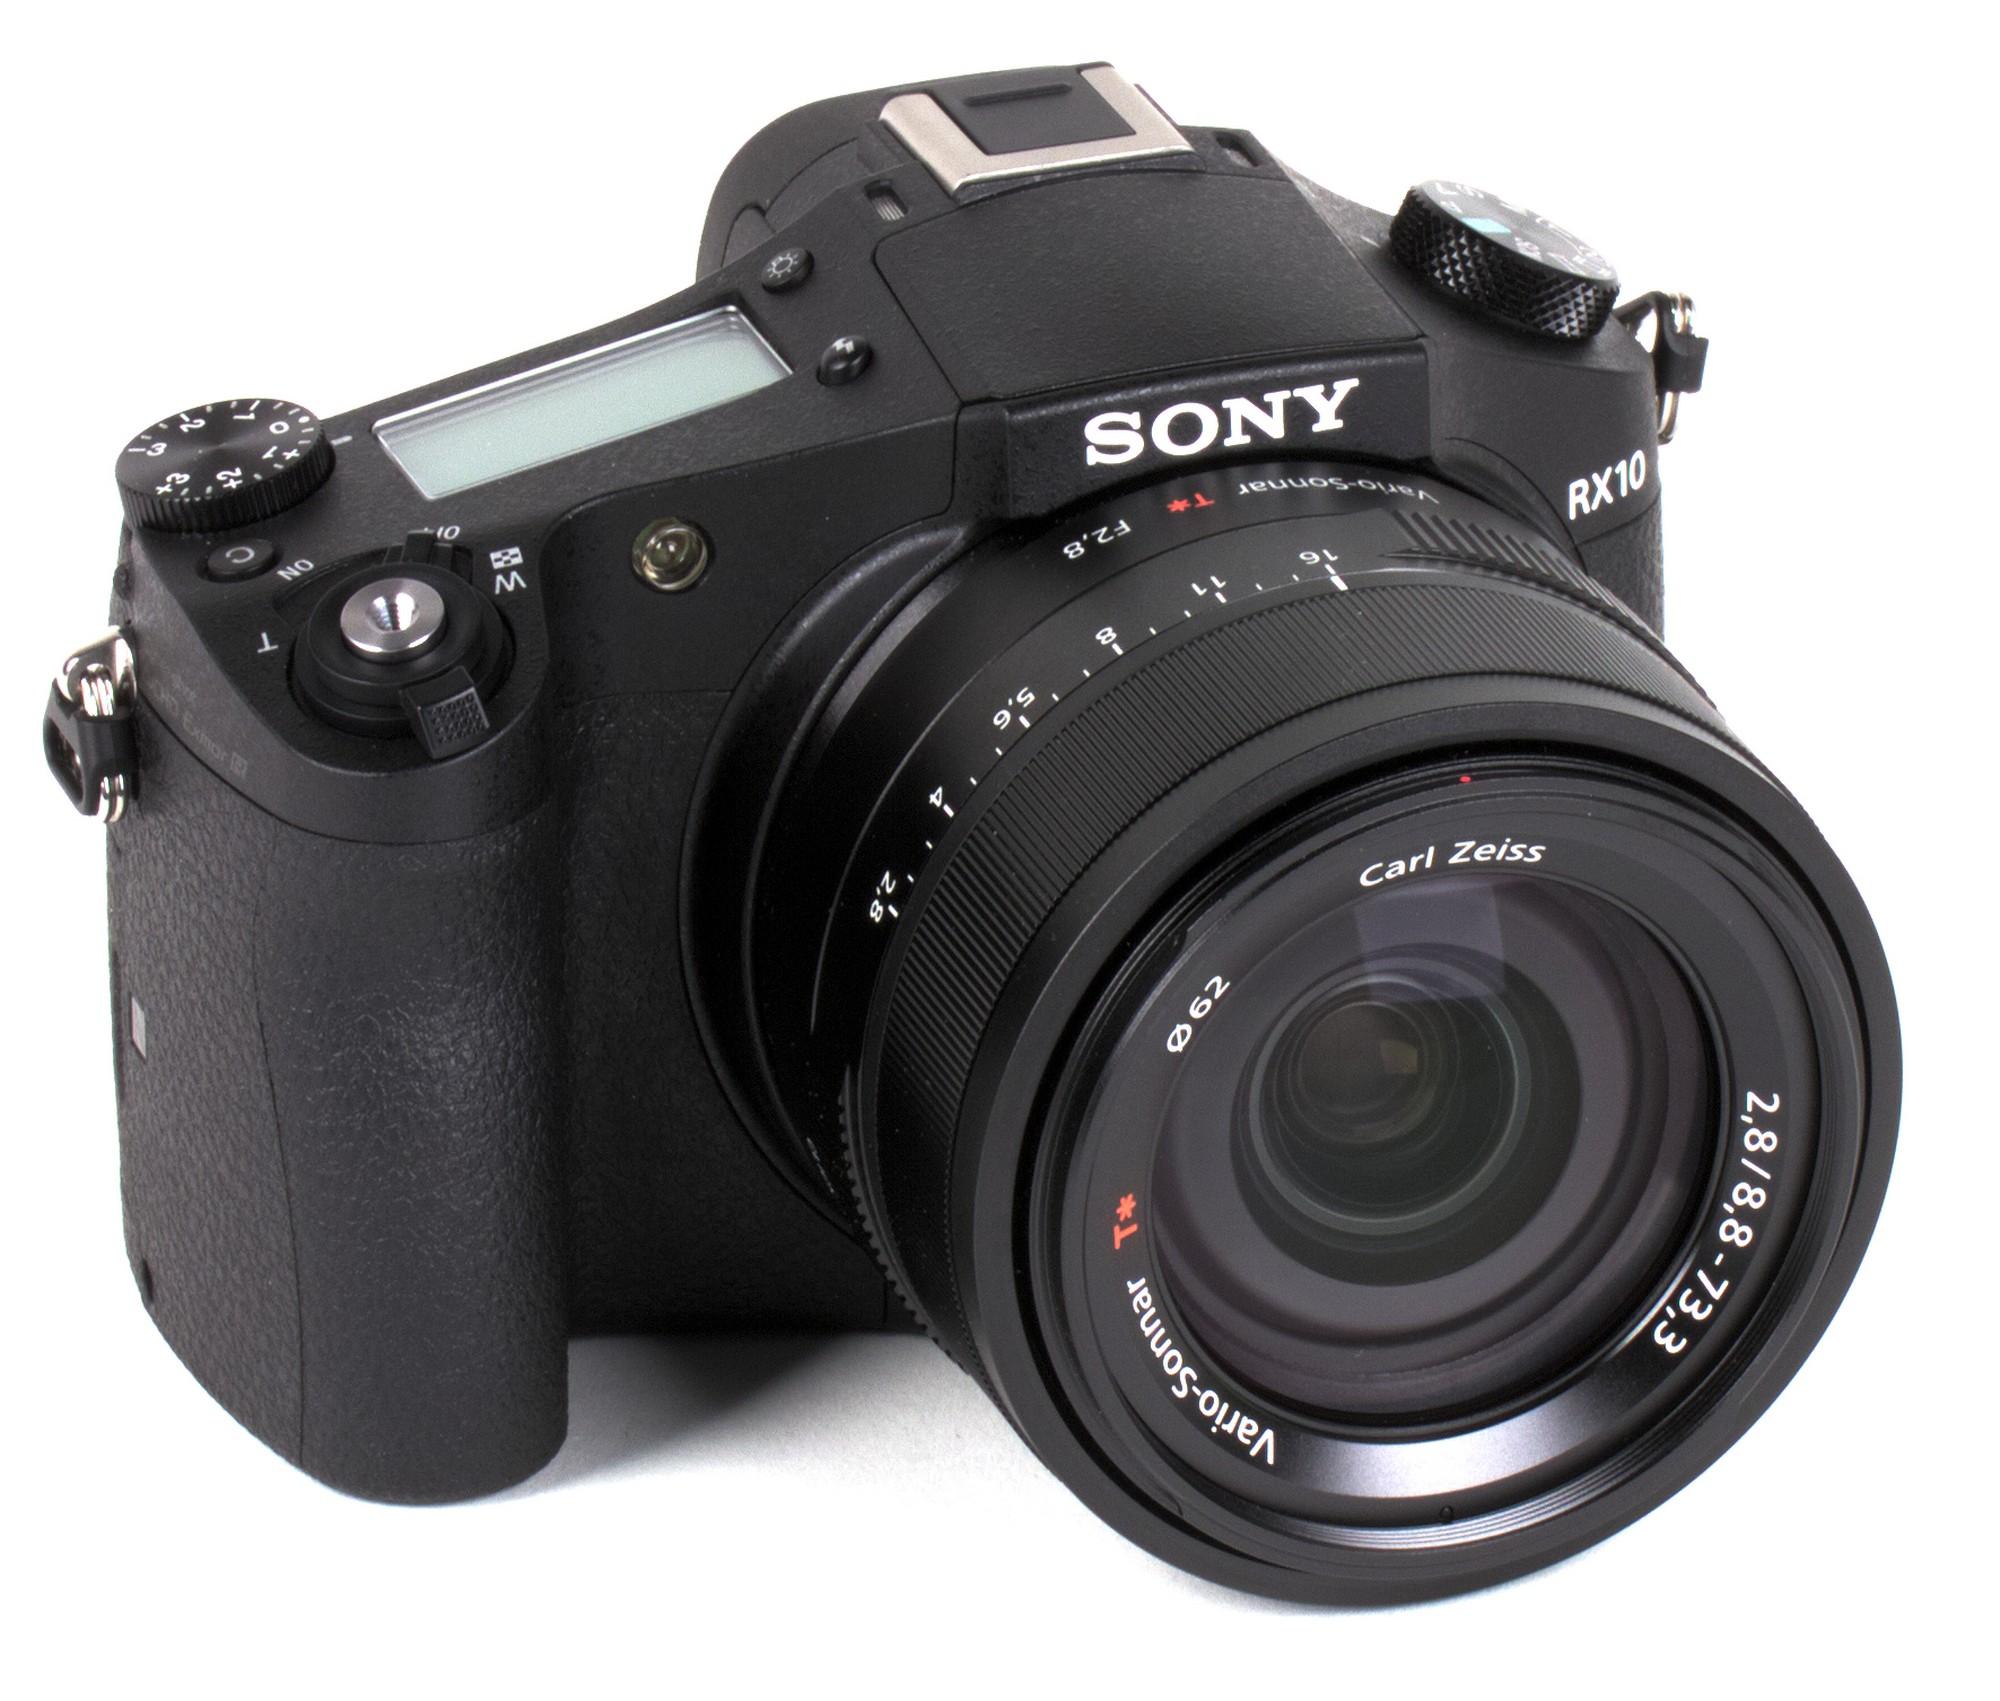 Sony Cyber-shot DSC RX10